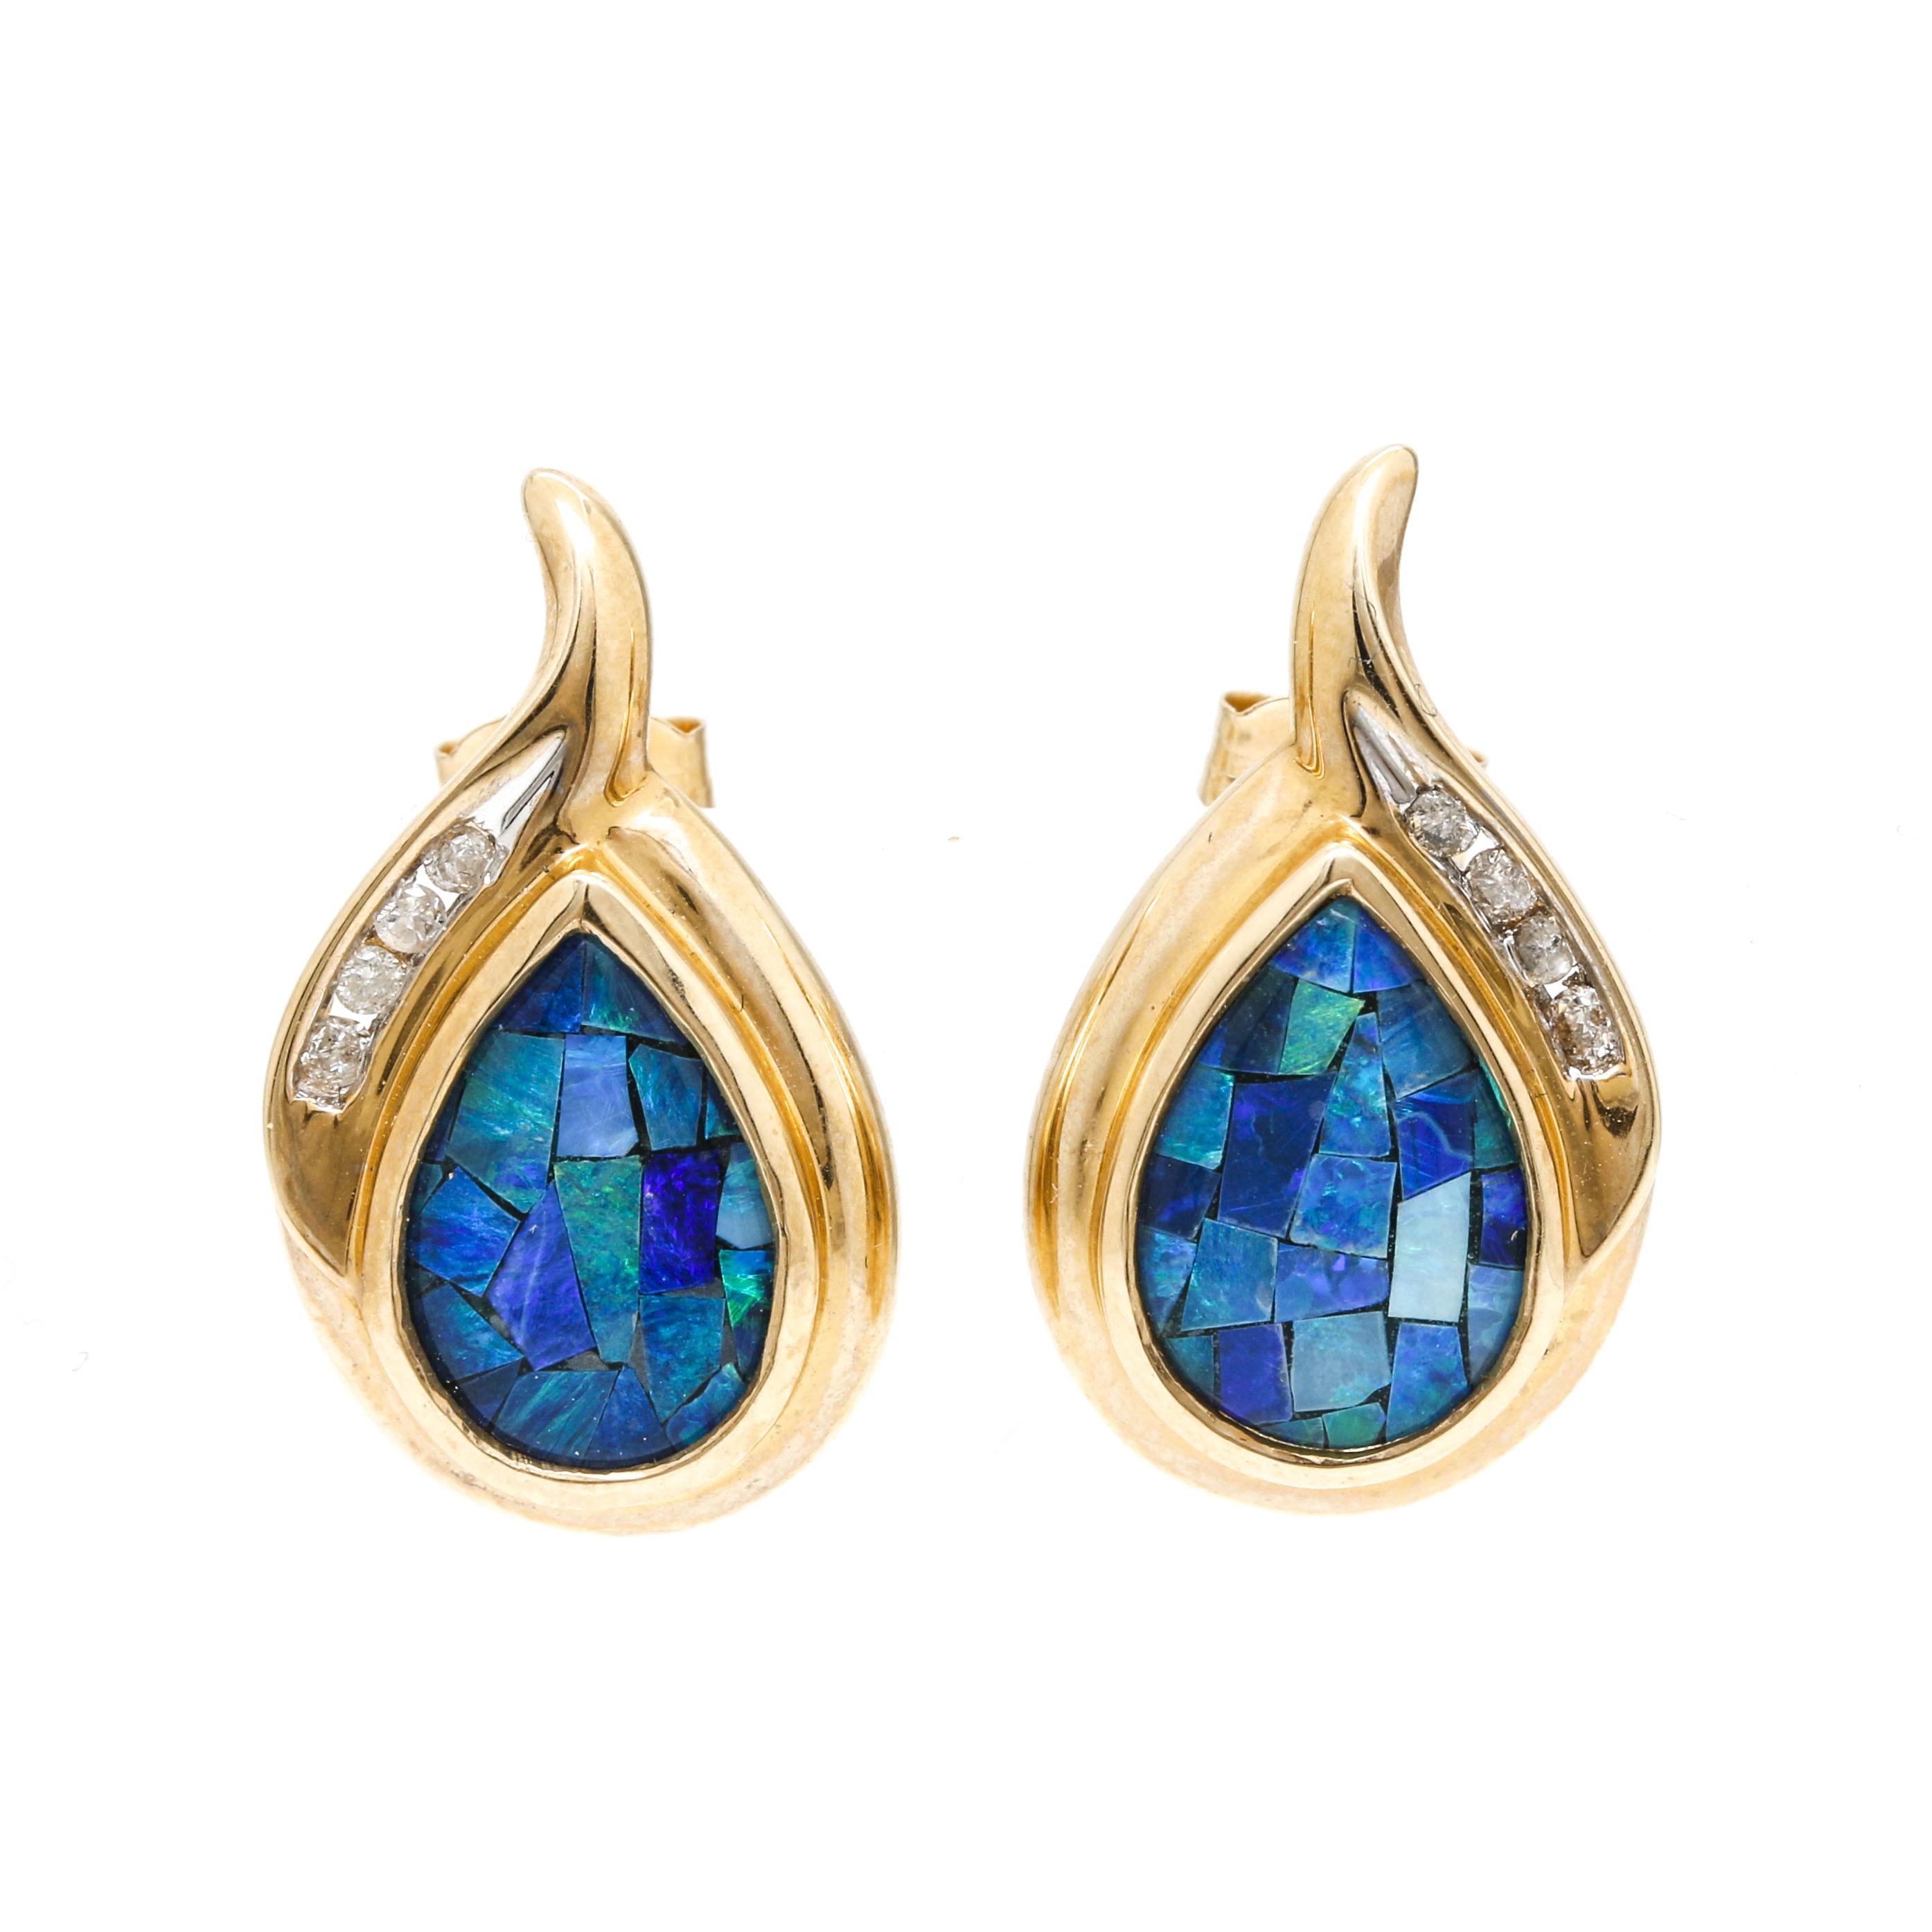 14K Yellow Gold Mosaic Opal Triplet and Diamond Tear Drop Stud Earrings